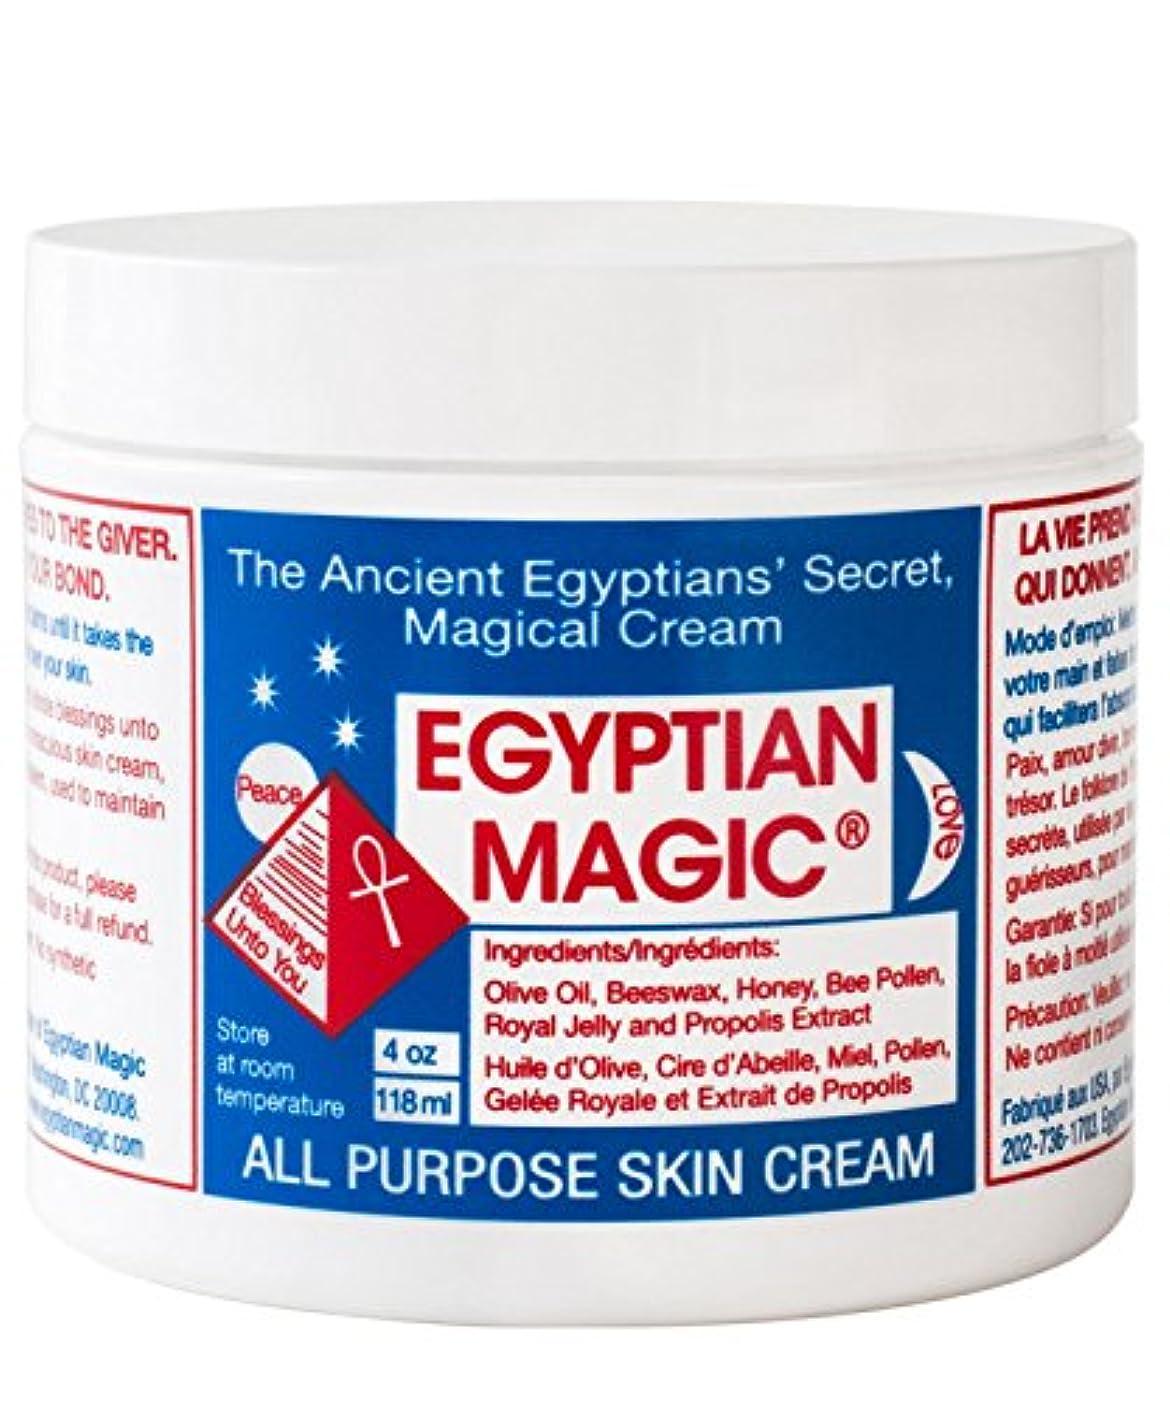 持つ消毒剤規範Egyptian Magic All Purpose Skin Cream 118ml - エジプトの魔法の万能スキンクリーム118ミリリットル [並行輸入品]